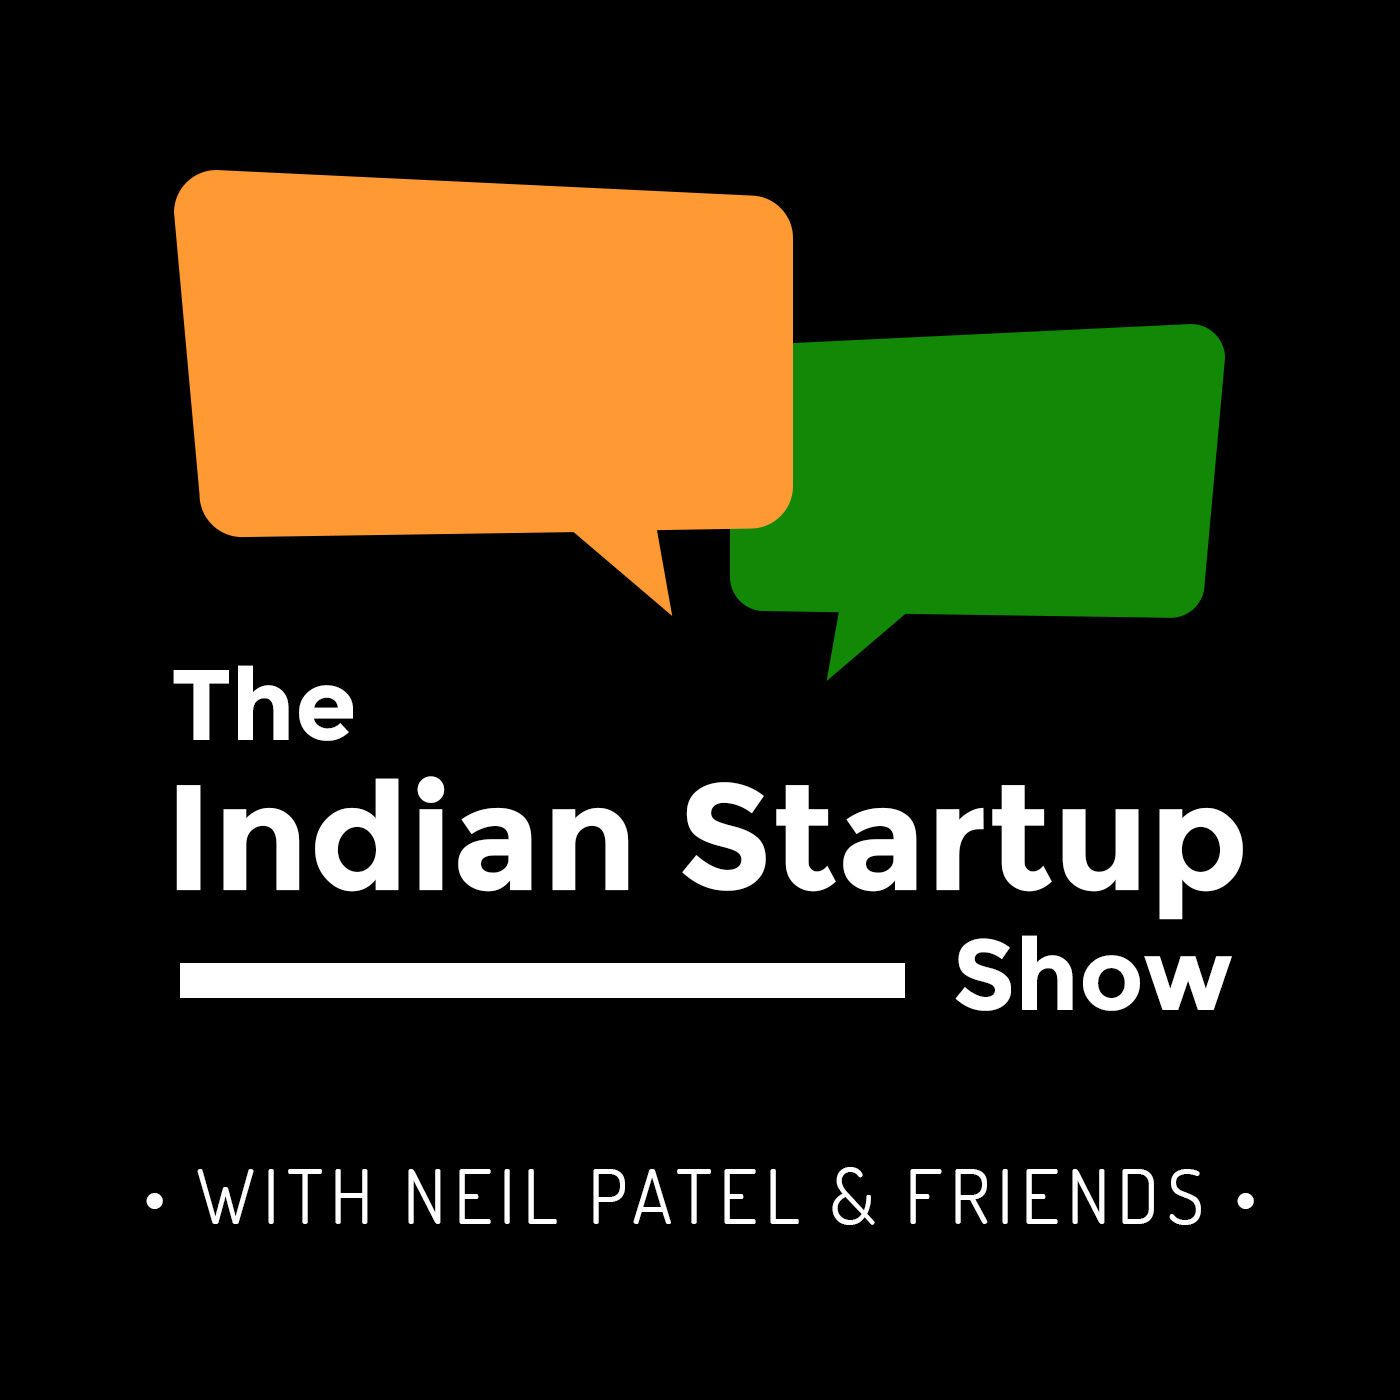 Nitesh Salvi - Founder & CEO of Pocket52 on building India's largest poker platform